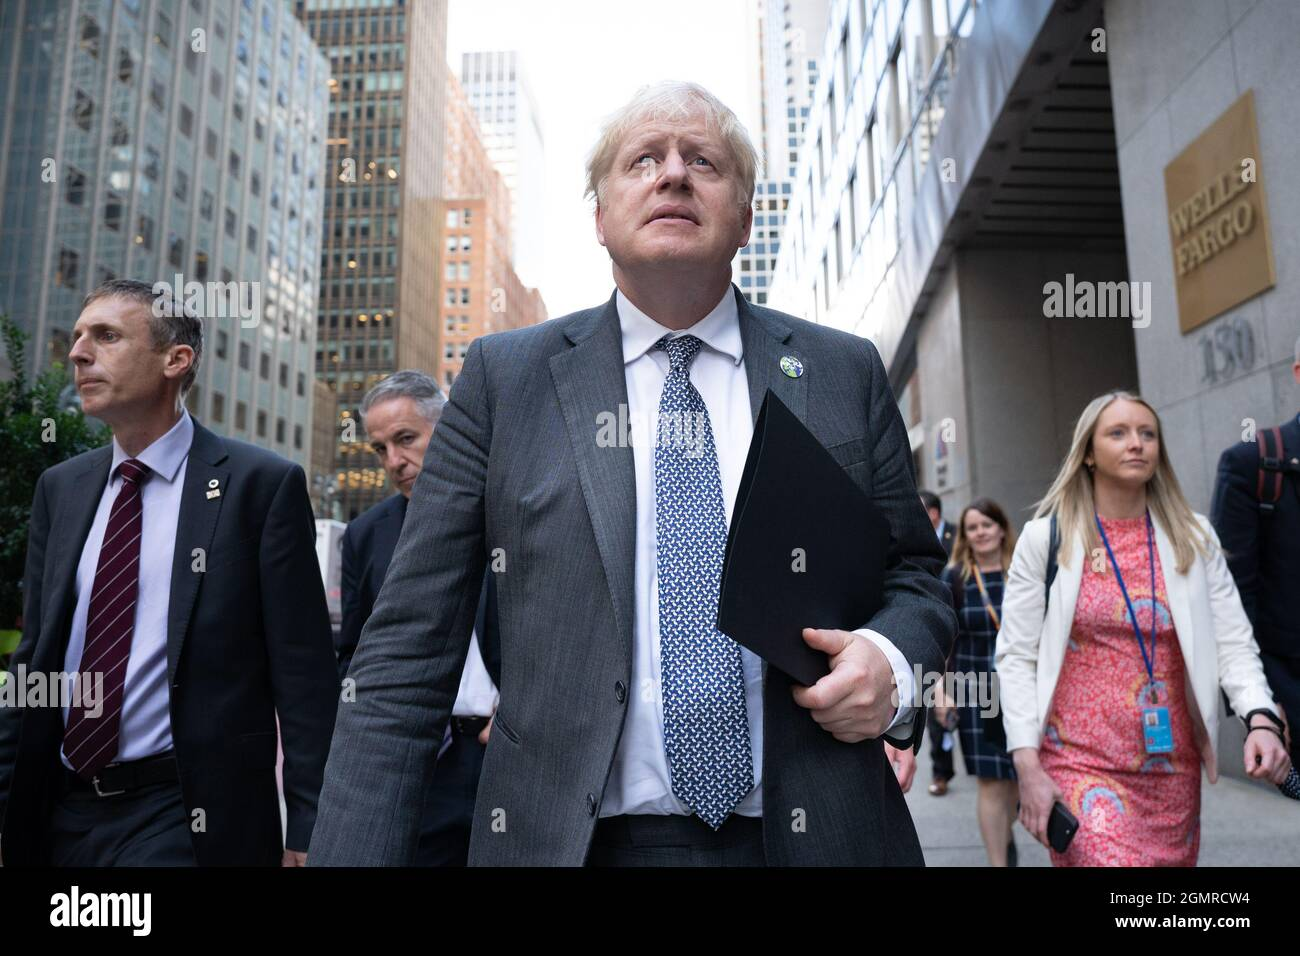 Il primo Ministro Boris Johnson si reca a New York per un'intervista televisiva, mentre partecipa all'Assemblea Generale delle Nazioni Unite durante la sua visita negli Stati Uniti. Data foto: Lunedì 20 settembre 2021. Foto Stock